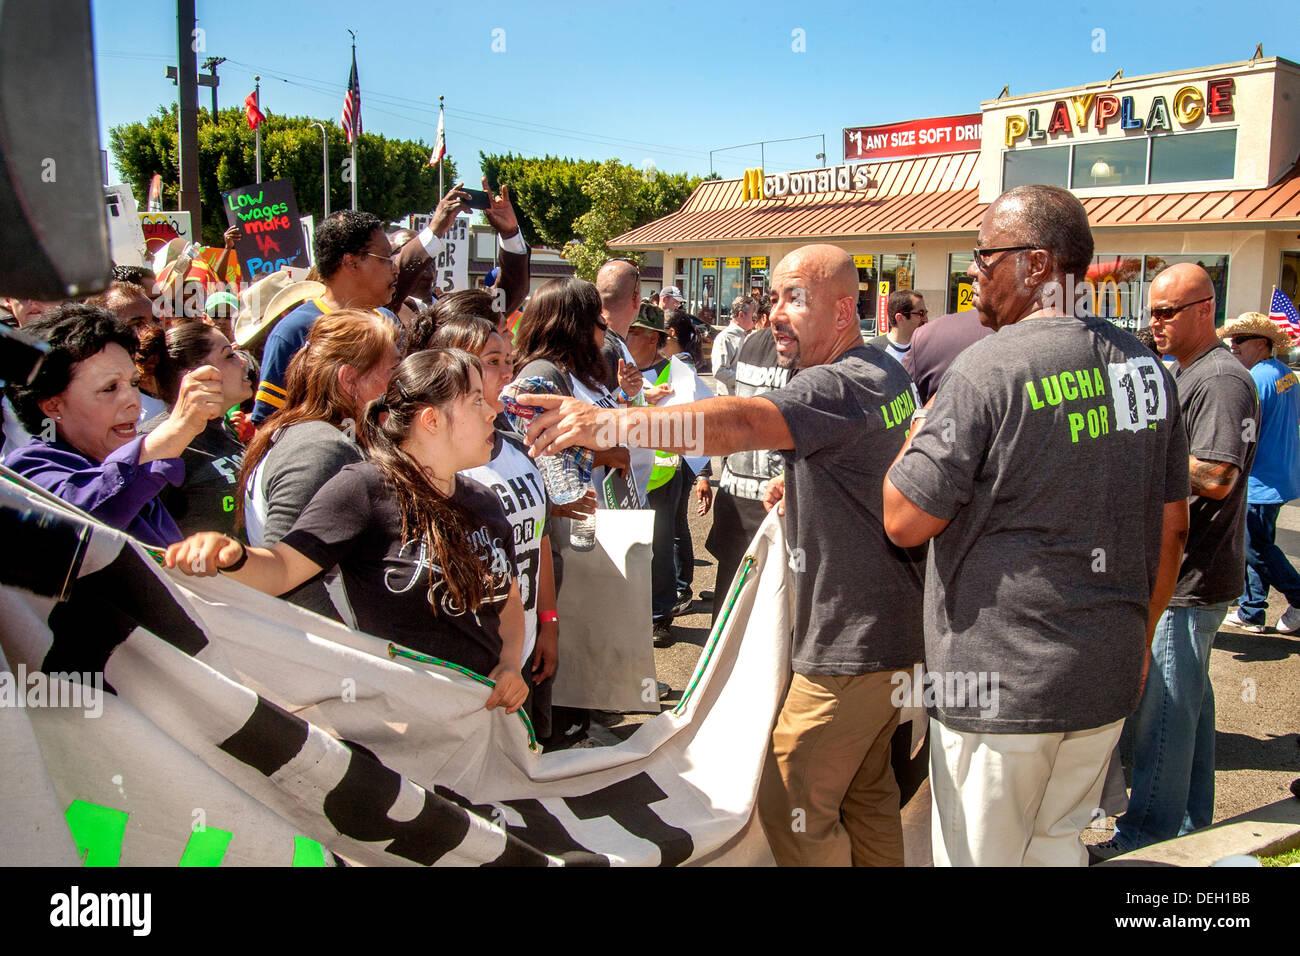 Il fast food i lavoratori si riuniscono per protestare contro i loro bassi salari minimi e di esigere un $15 per salario ora al di fuori di un ristorante MacDonald's. Immagini Stock